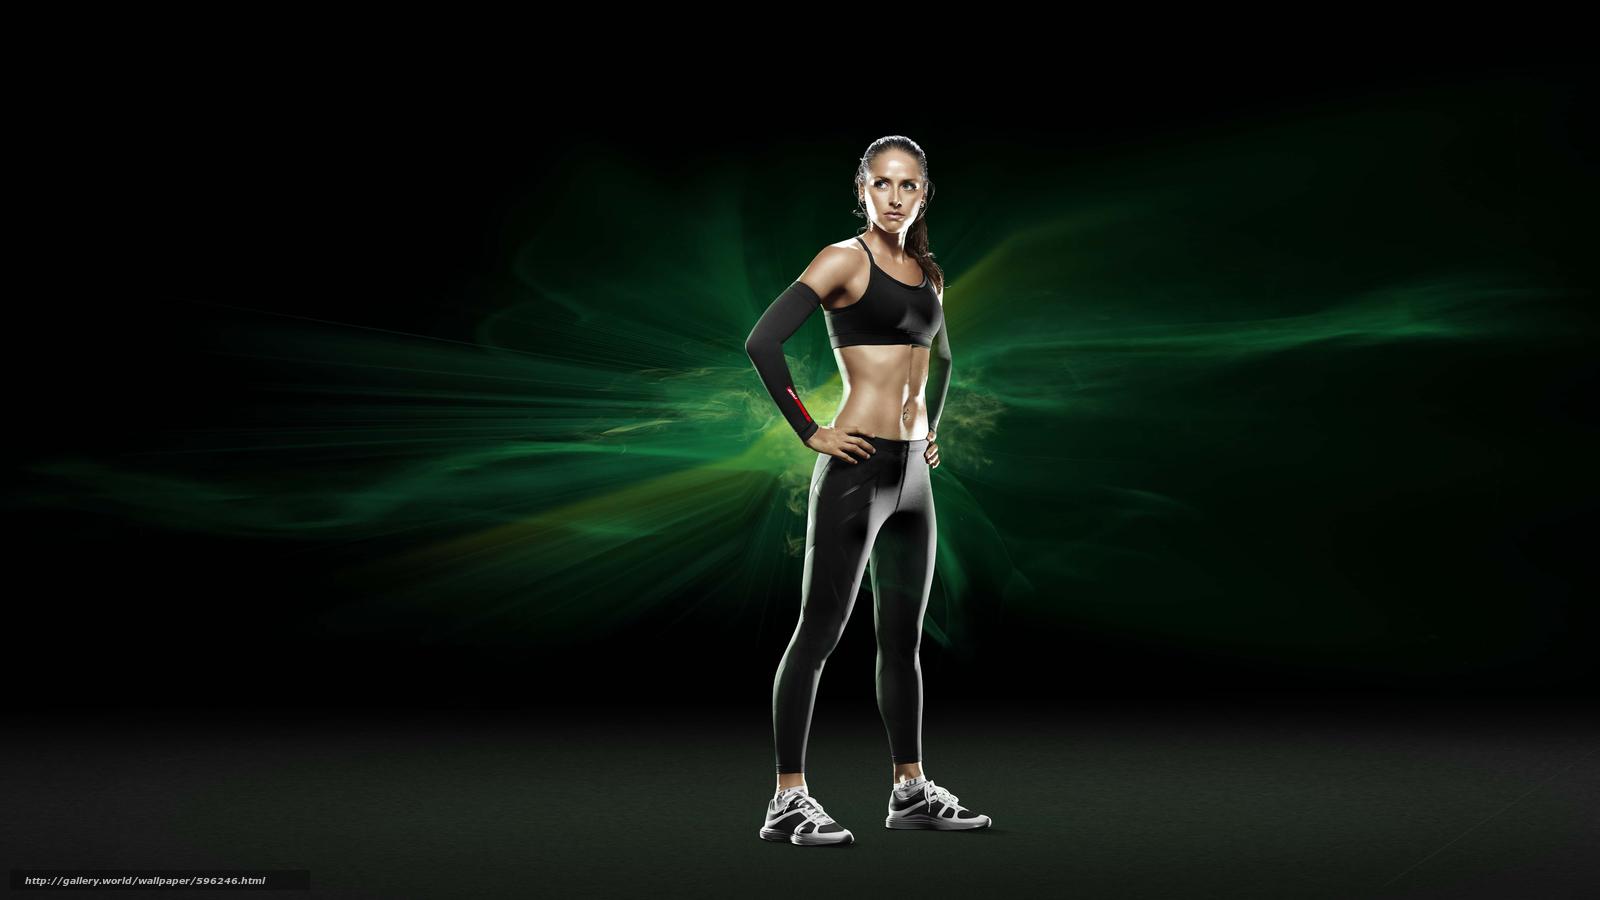 Fitnessstudio wallpaper  Download Hintergrund Sport, Mädchen, Mode eng, fitnessstudio Freie ...